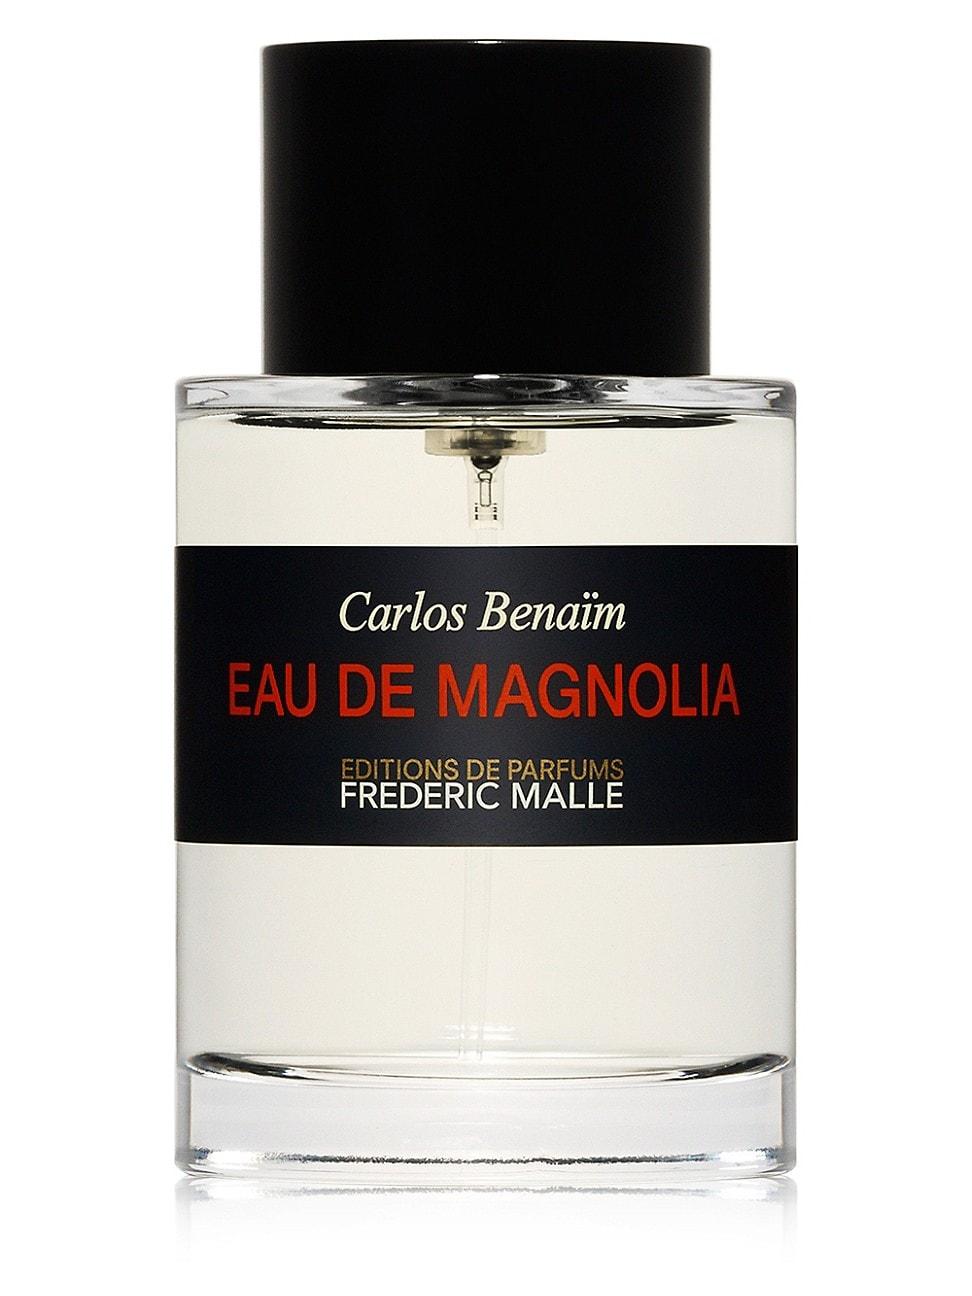 Frederic Malle WOMEN'S EAU DE MAGNOLIA PARFUM - SIZE 3.4 OZ